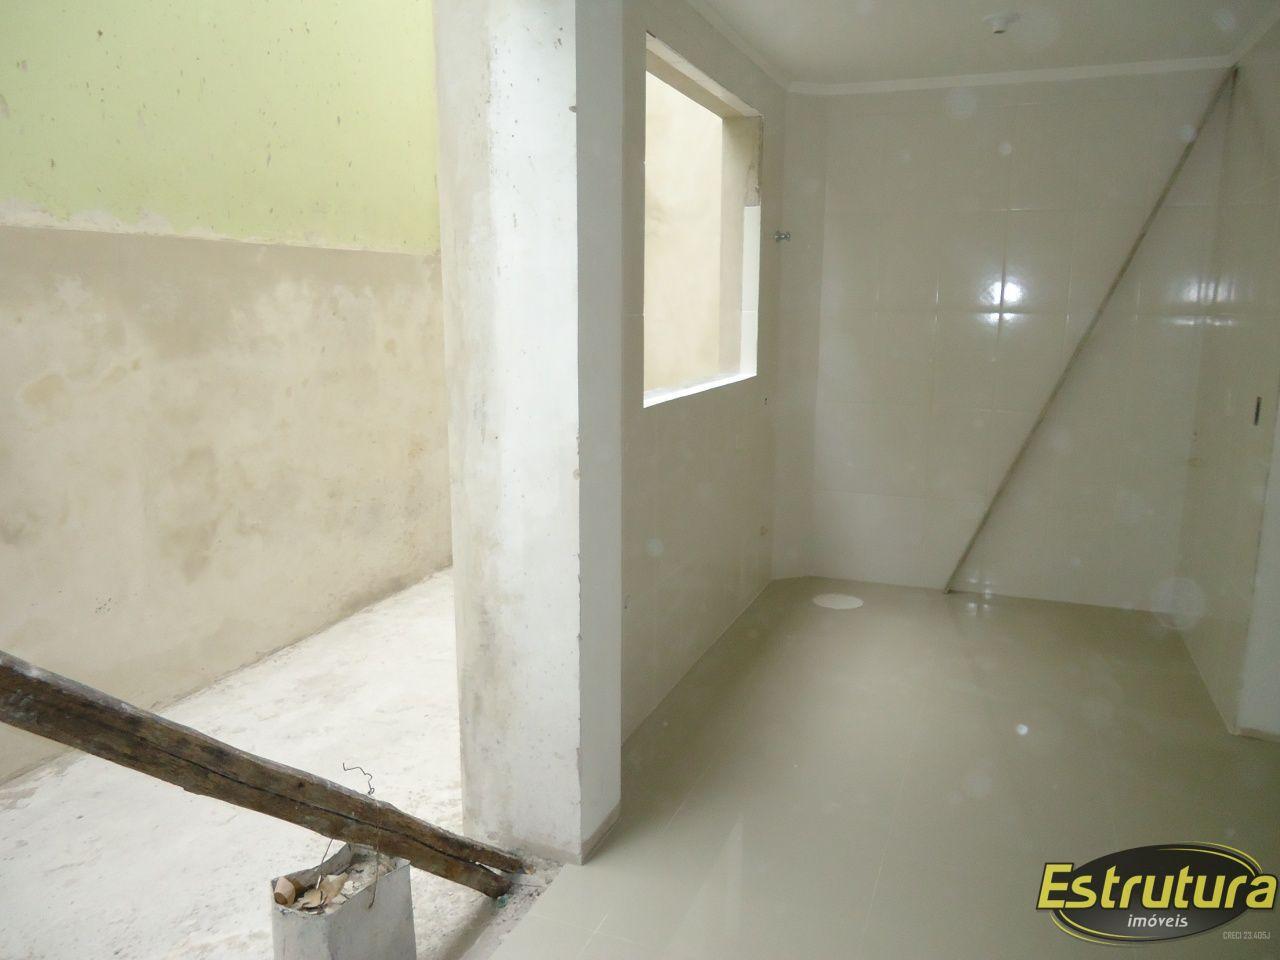 Apartamento com 1 Dormitórios à venda, 36 m² por R$ 168.000,00